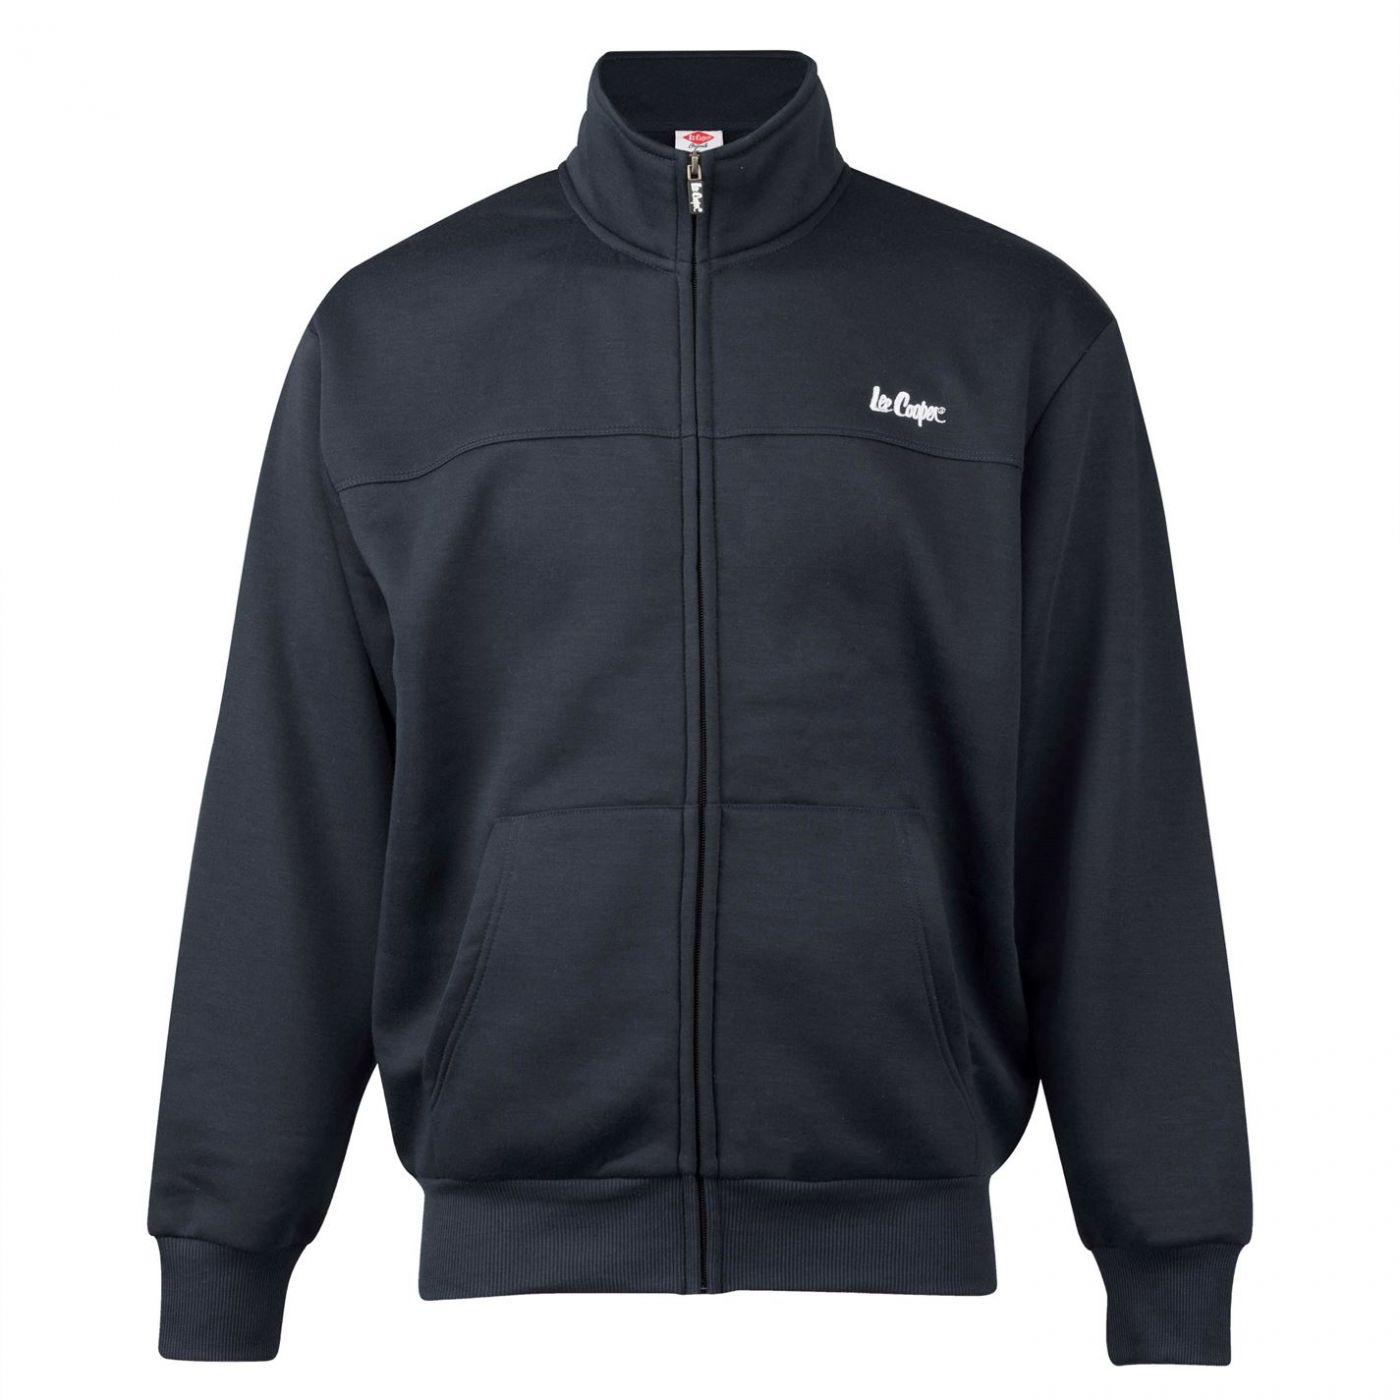 Lee Cooper Full Zip Fleece Jacket Mens